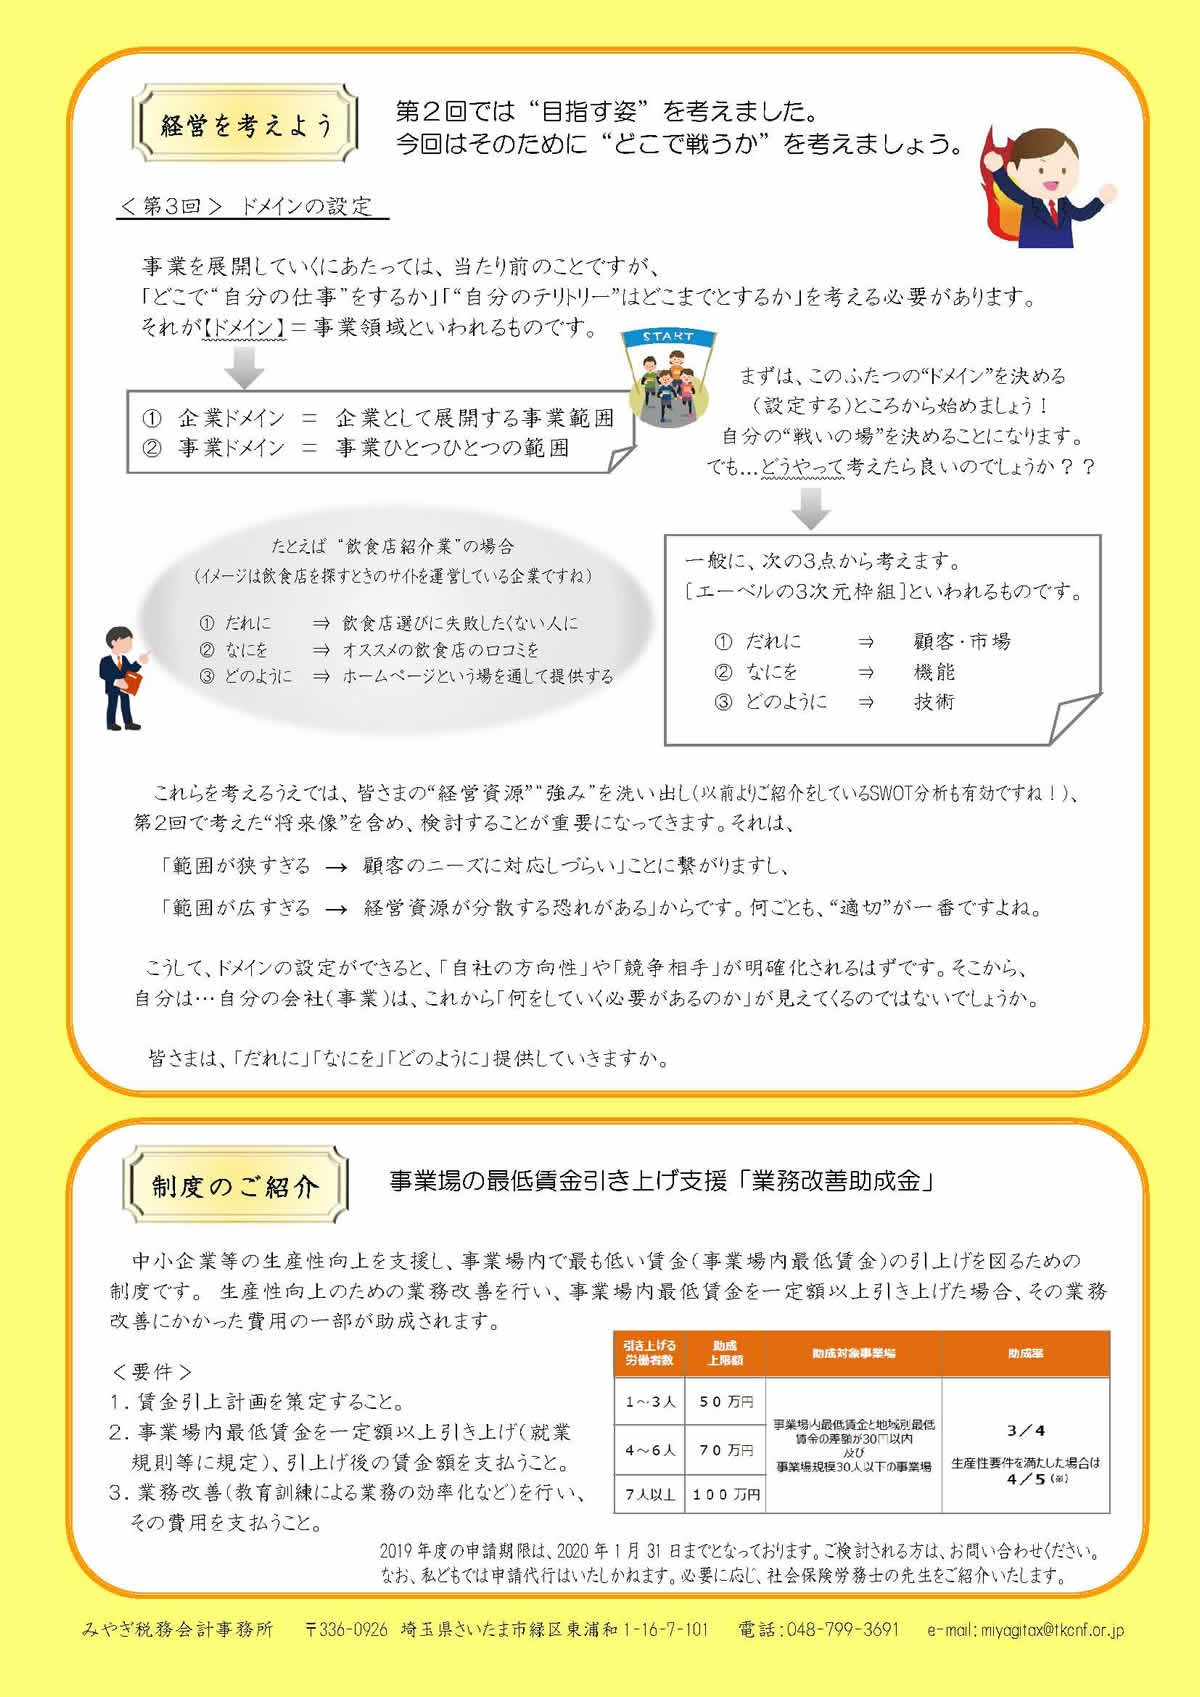 みやぎ税務会計事務所 みやぎ税務会計事務所通信(第20号)